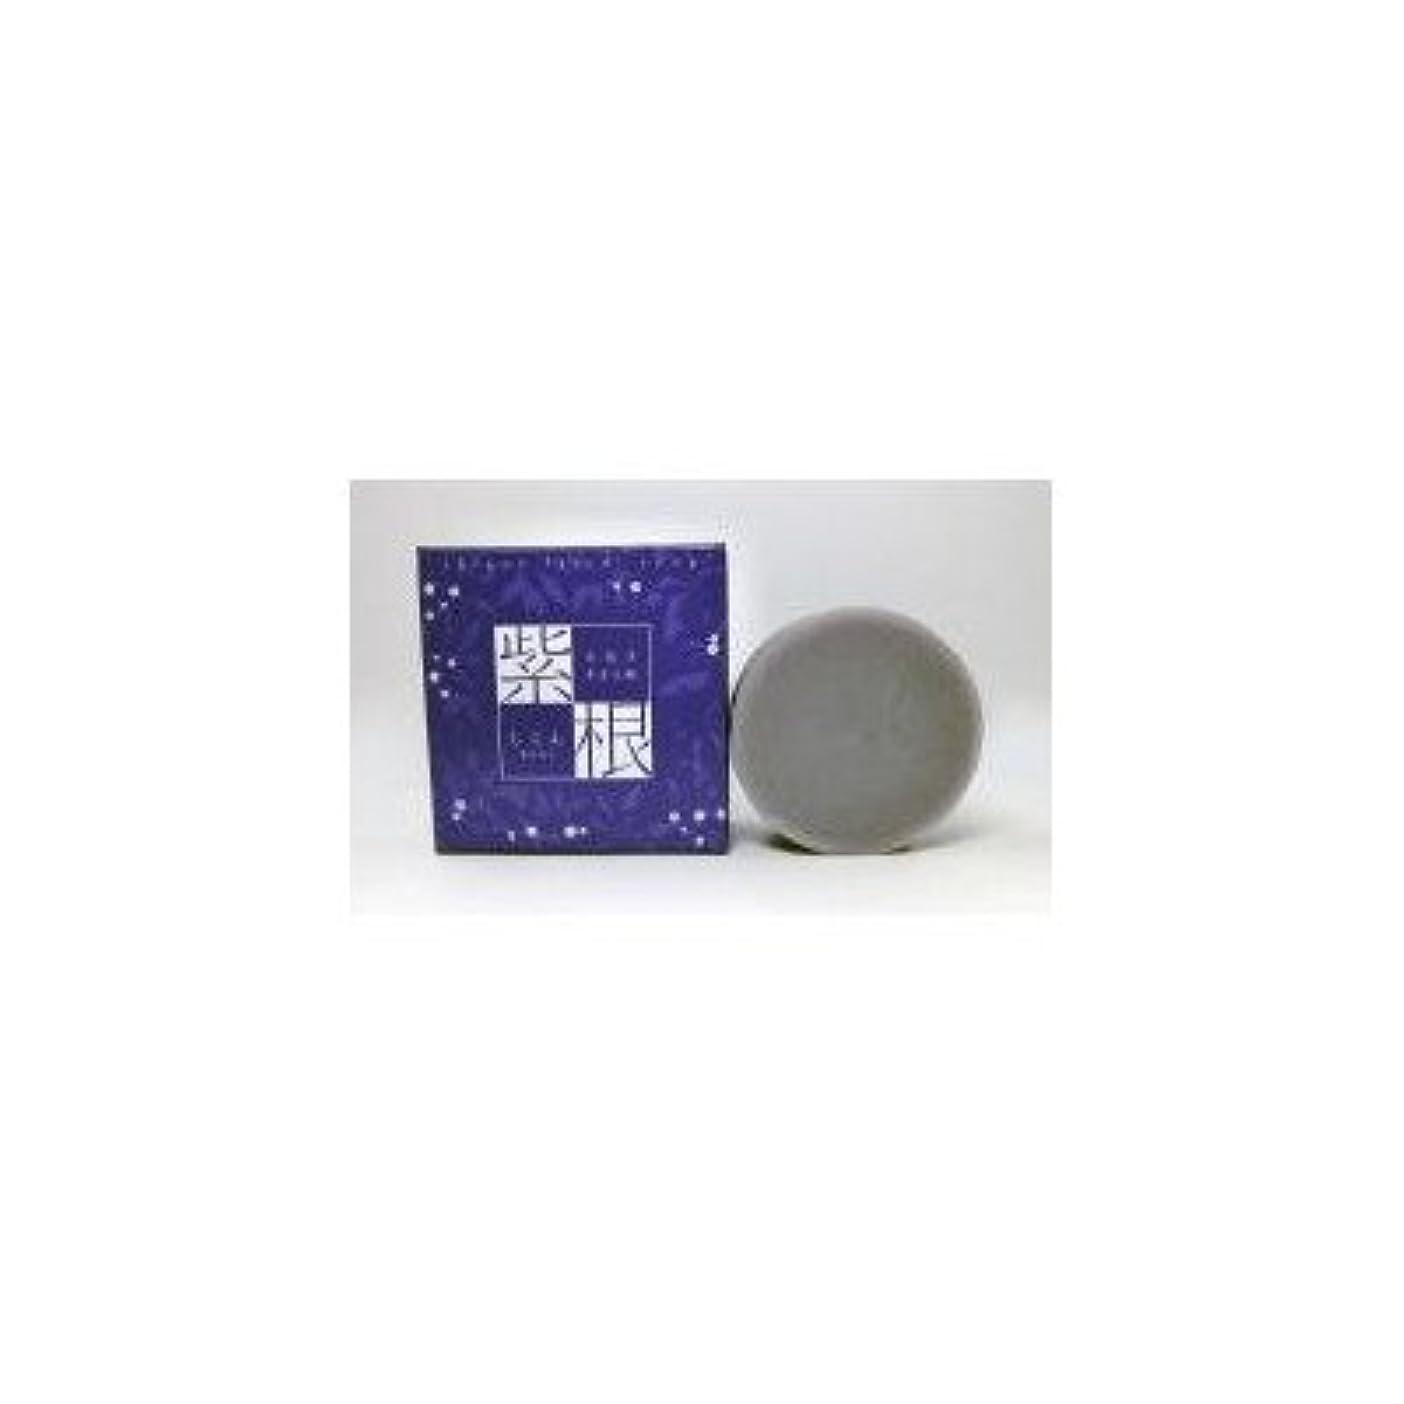 皮懐疑的ペイン紫根エキスをたっぷり配合した洗顔石鹸 紫根石鹸 100g×5個セット